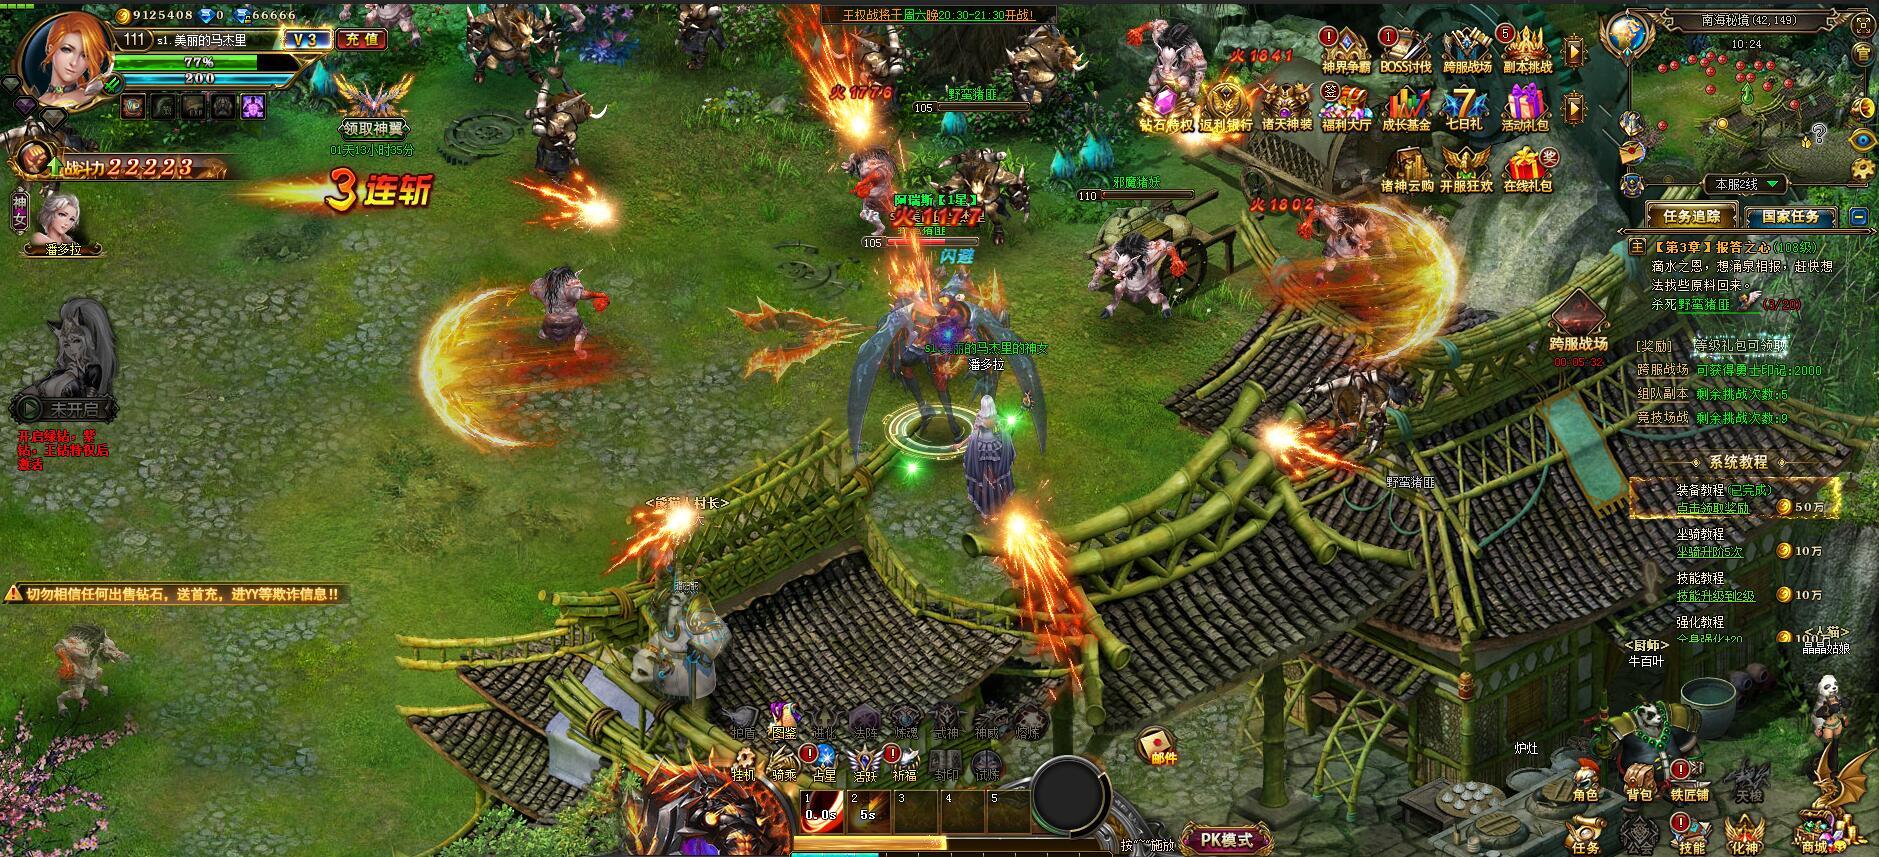 《龙战领域》游戏截图